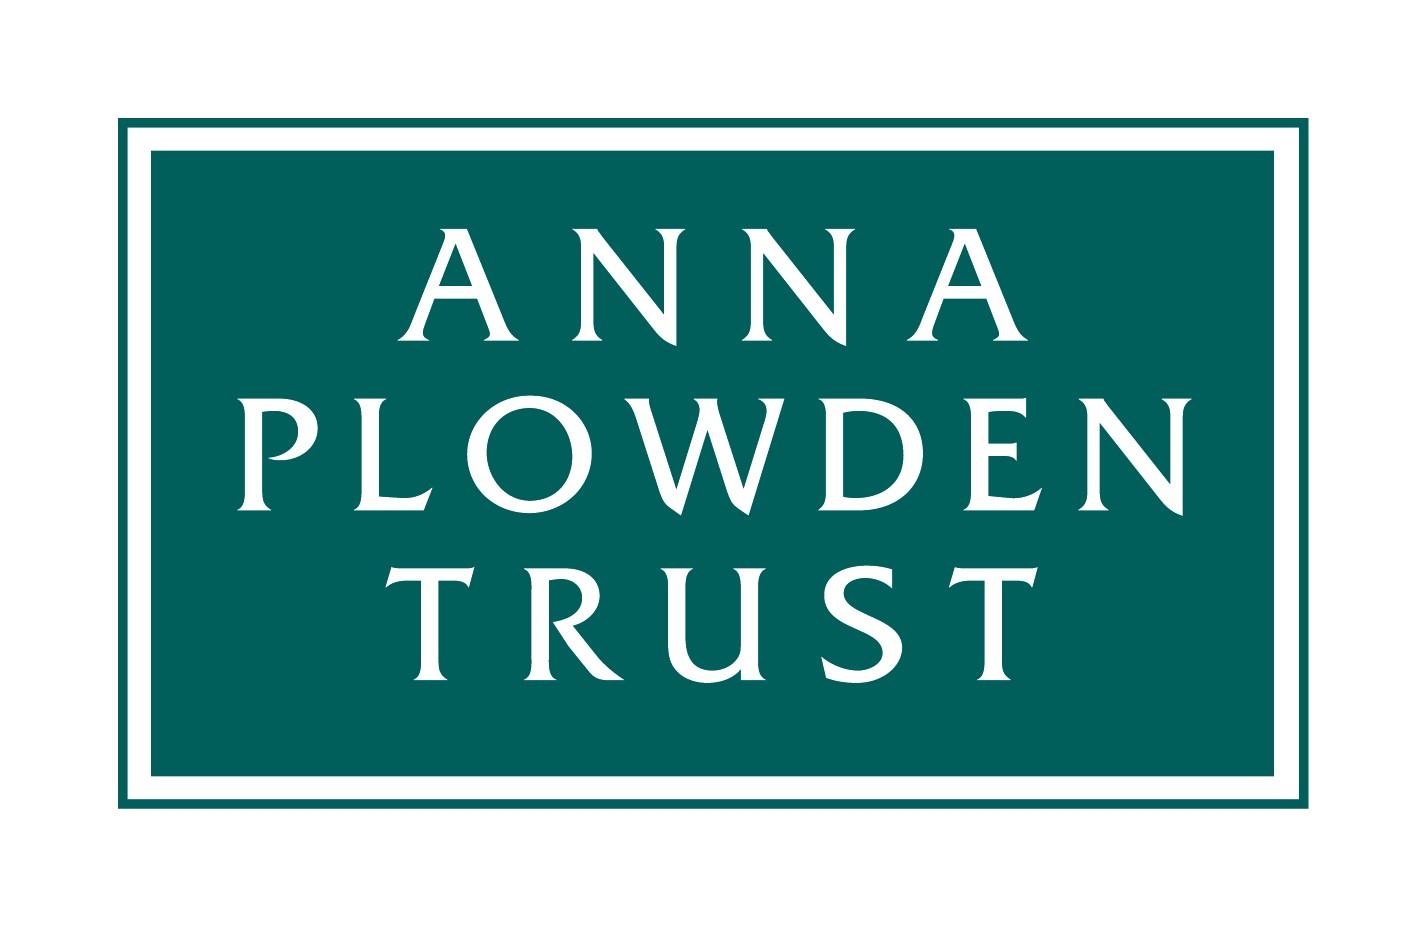 anna plowden